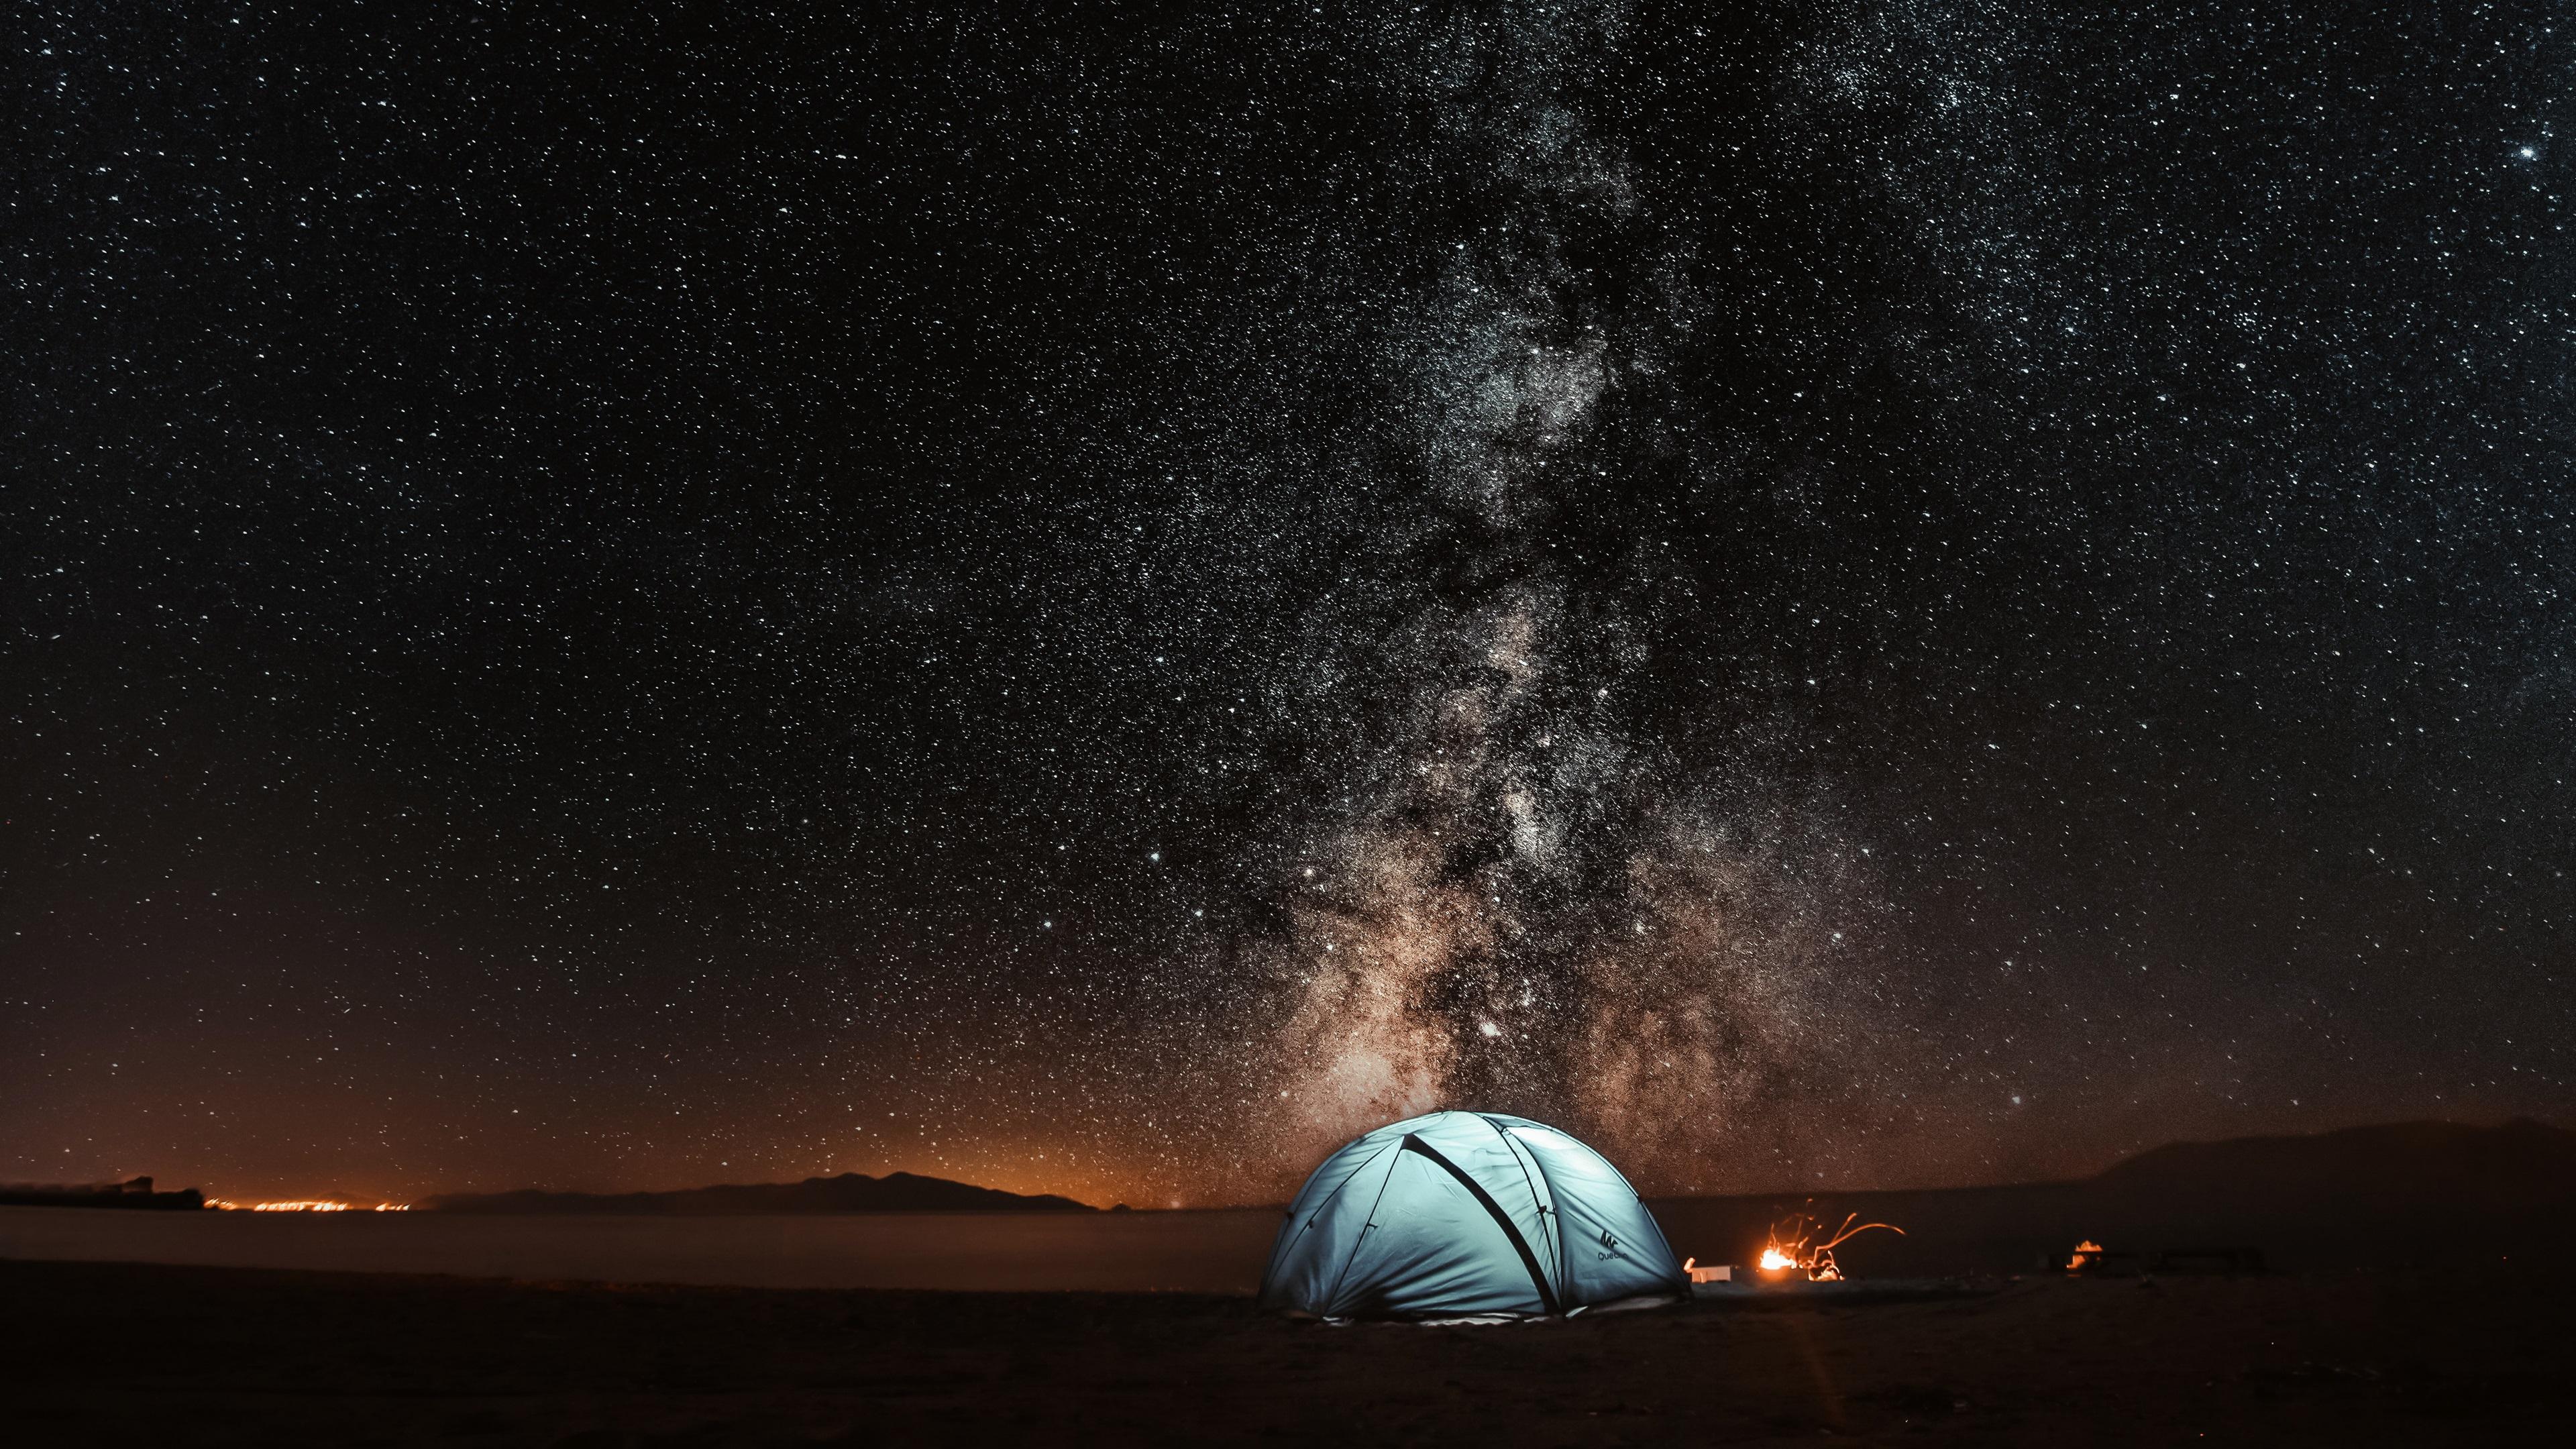 壁紙 夜 テント 星空 3840x2160 Uhd 4k 無料のデスクトップの背景 画像